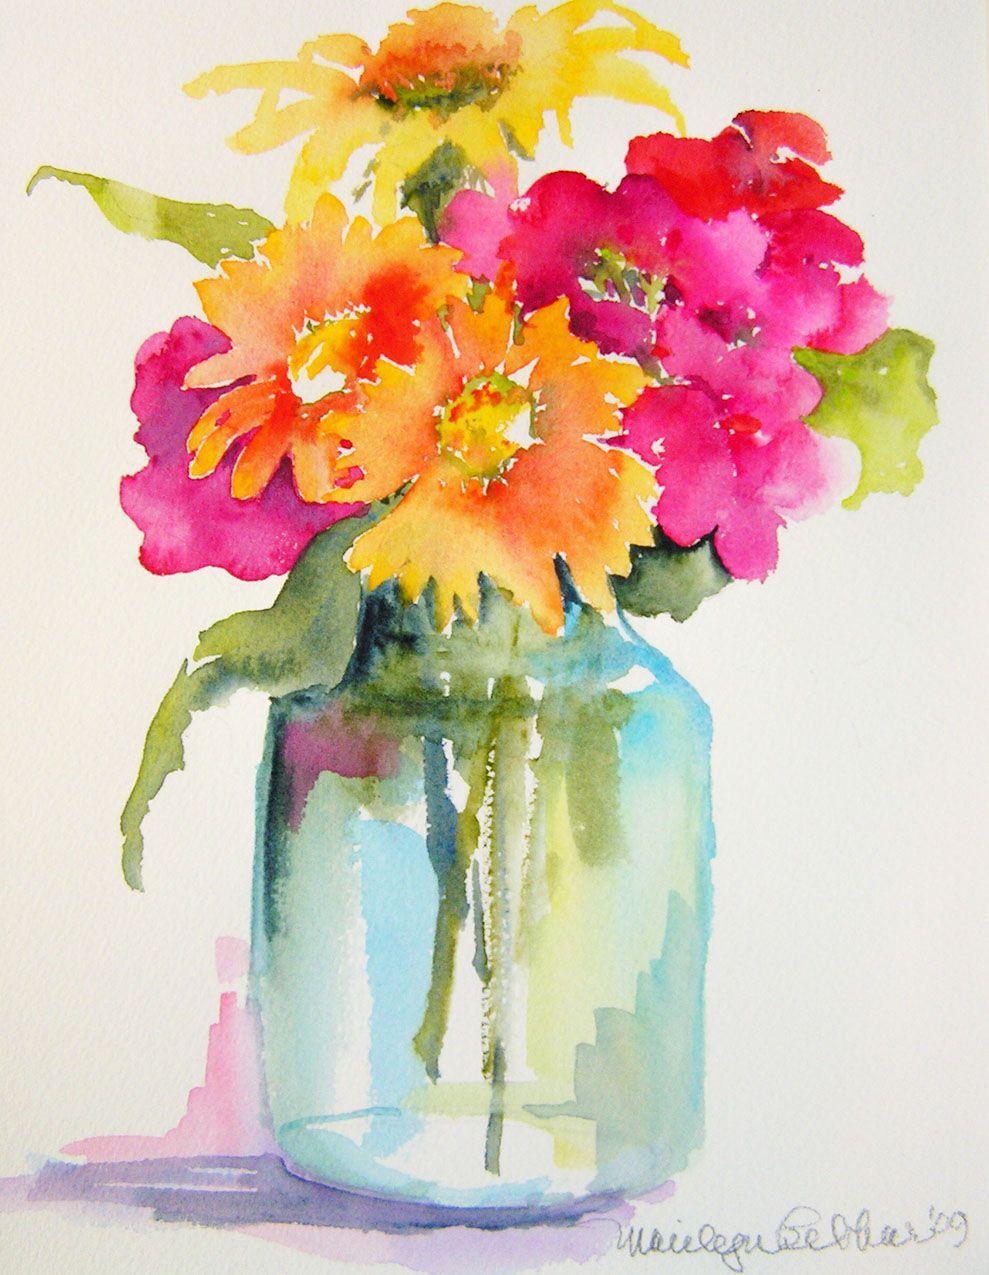 989x1275 Pink, Orange, Yellow Flowers In Mason Jar Vase